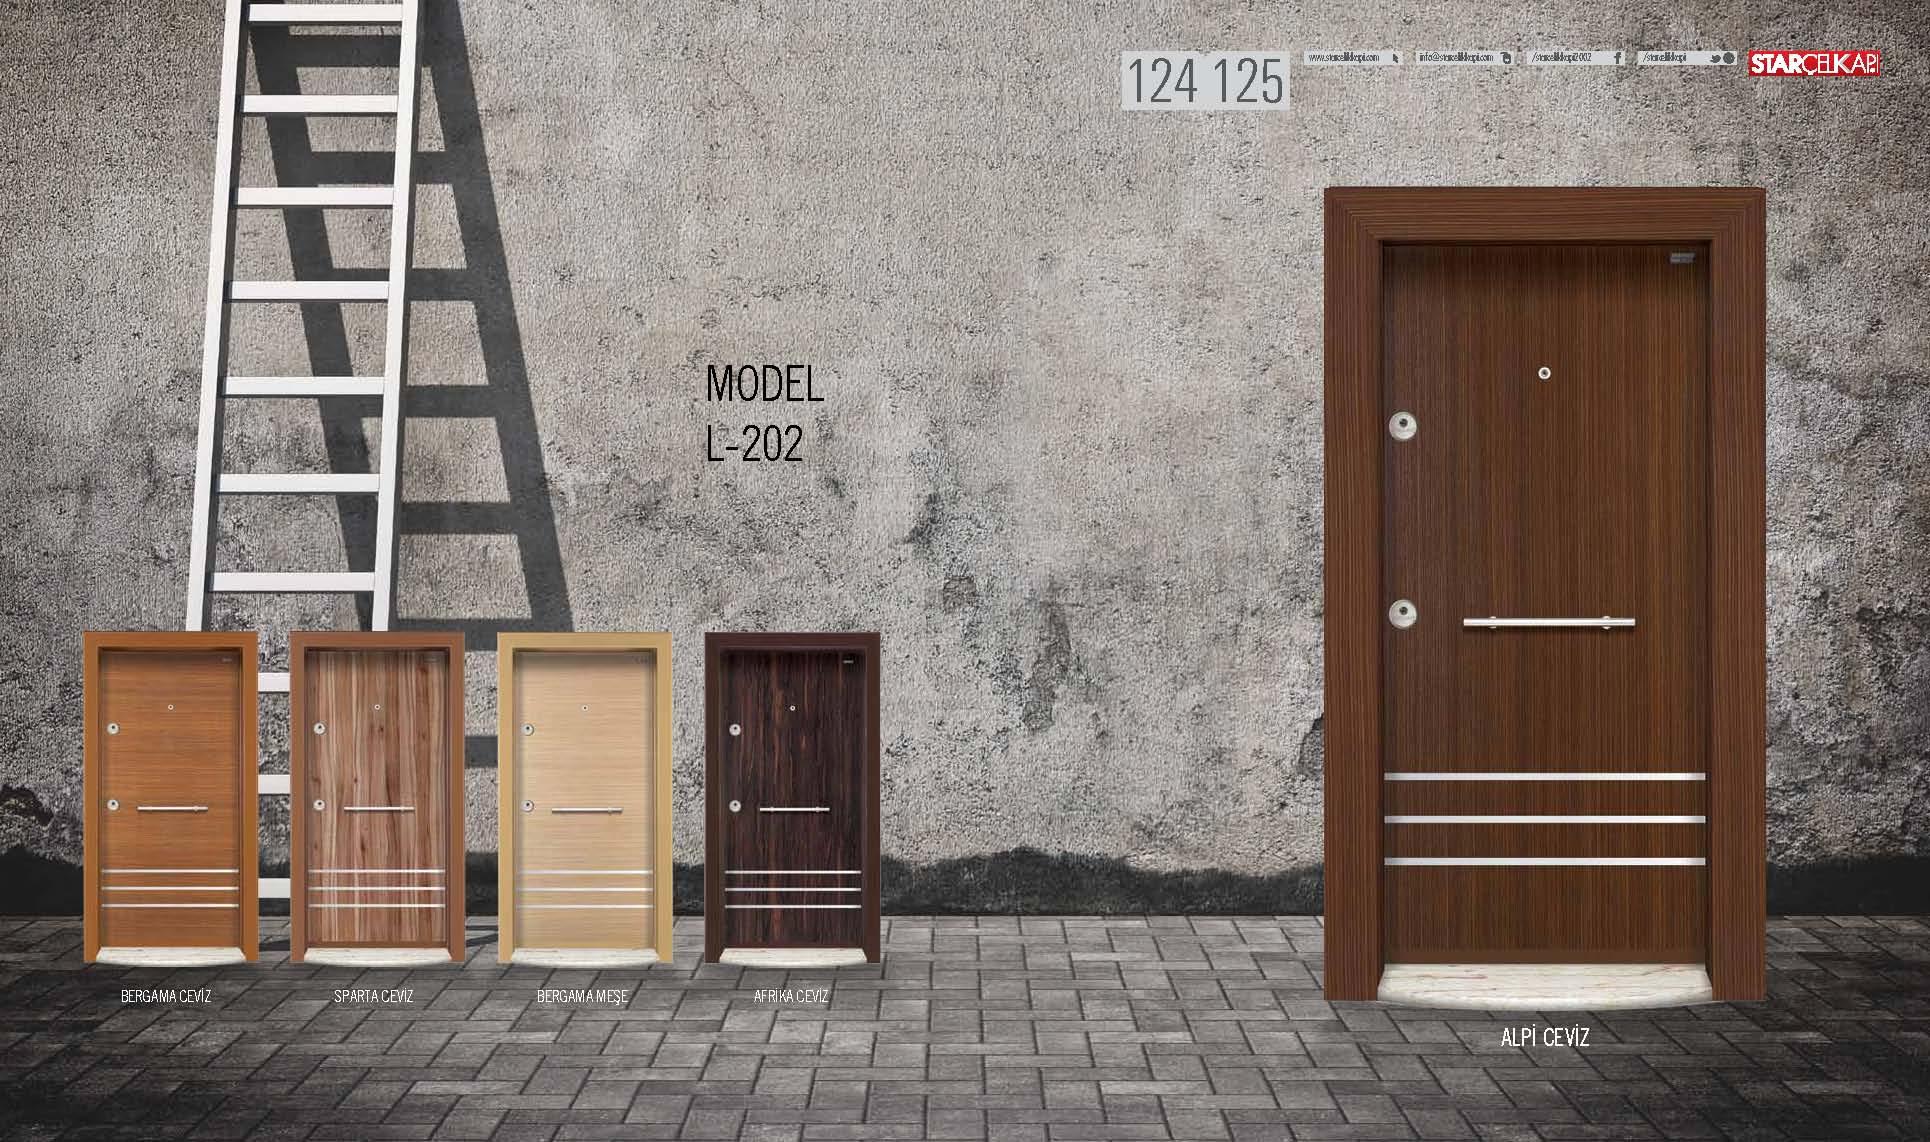 vhodni-vrati-starcelik_page_63